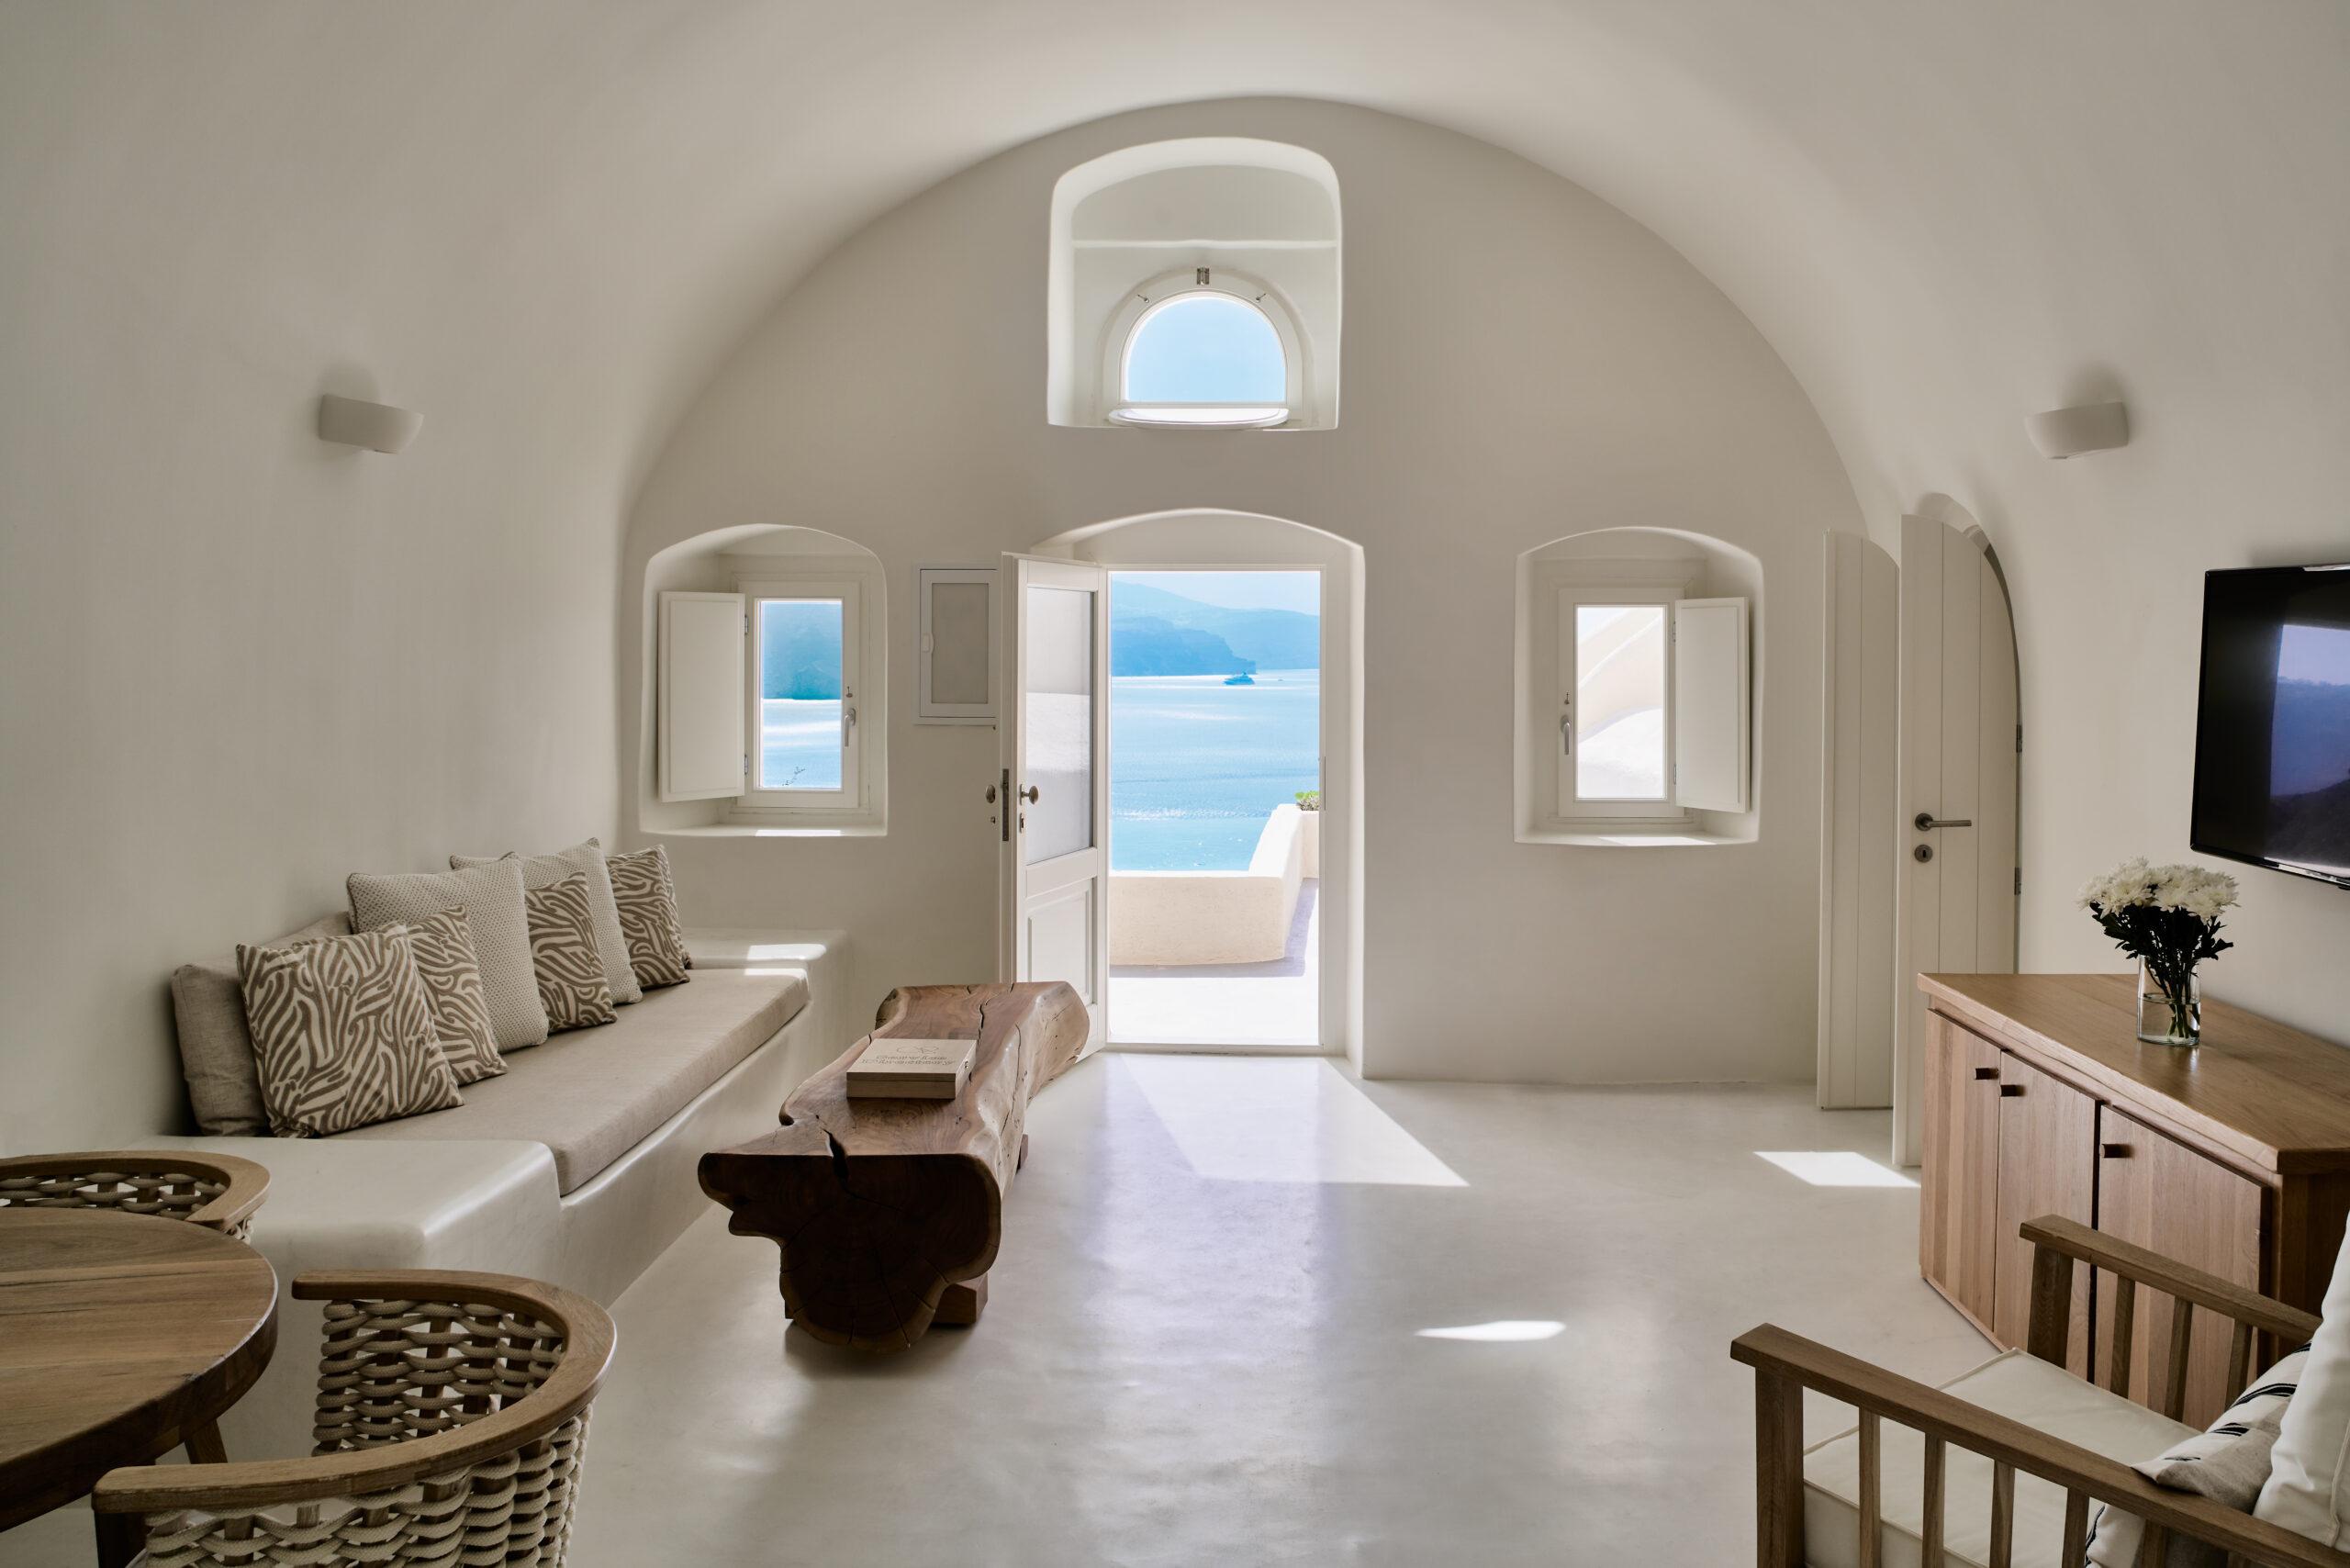 Interior space from Mystique's All 2 Senses Suite